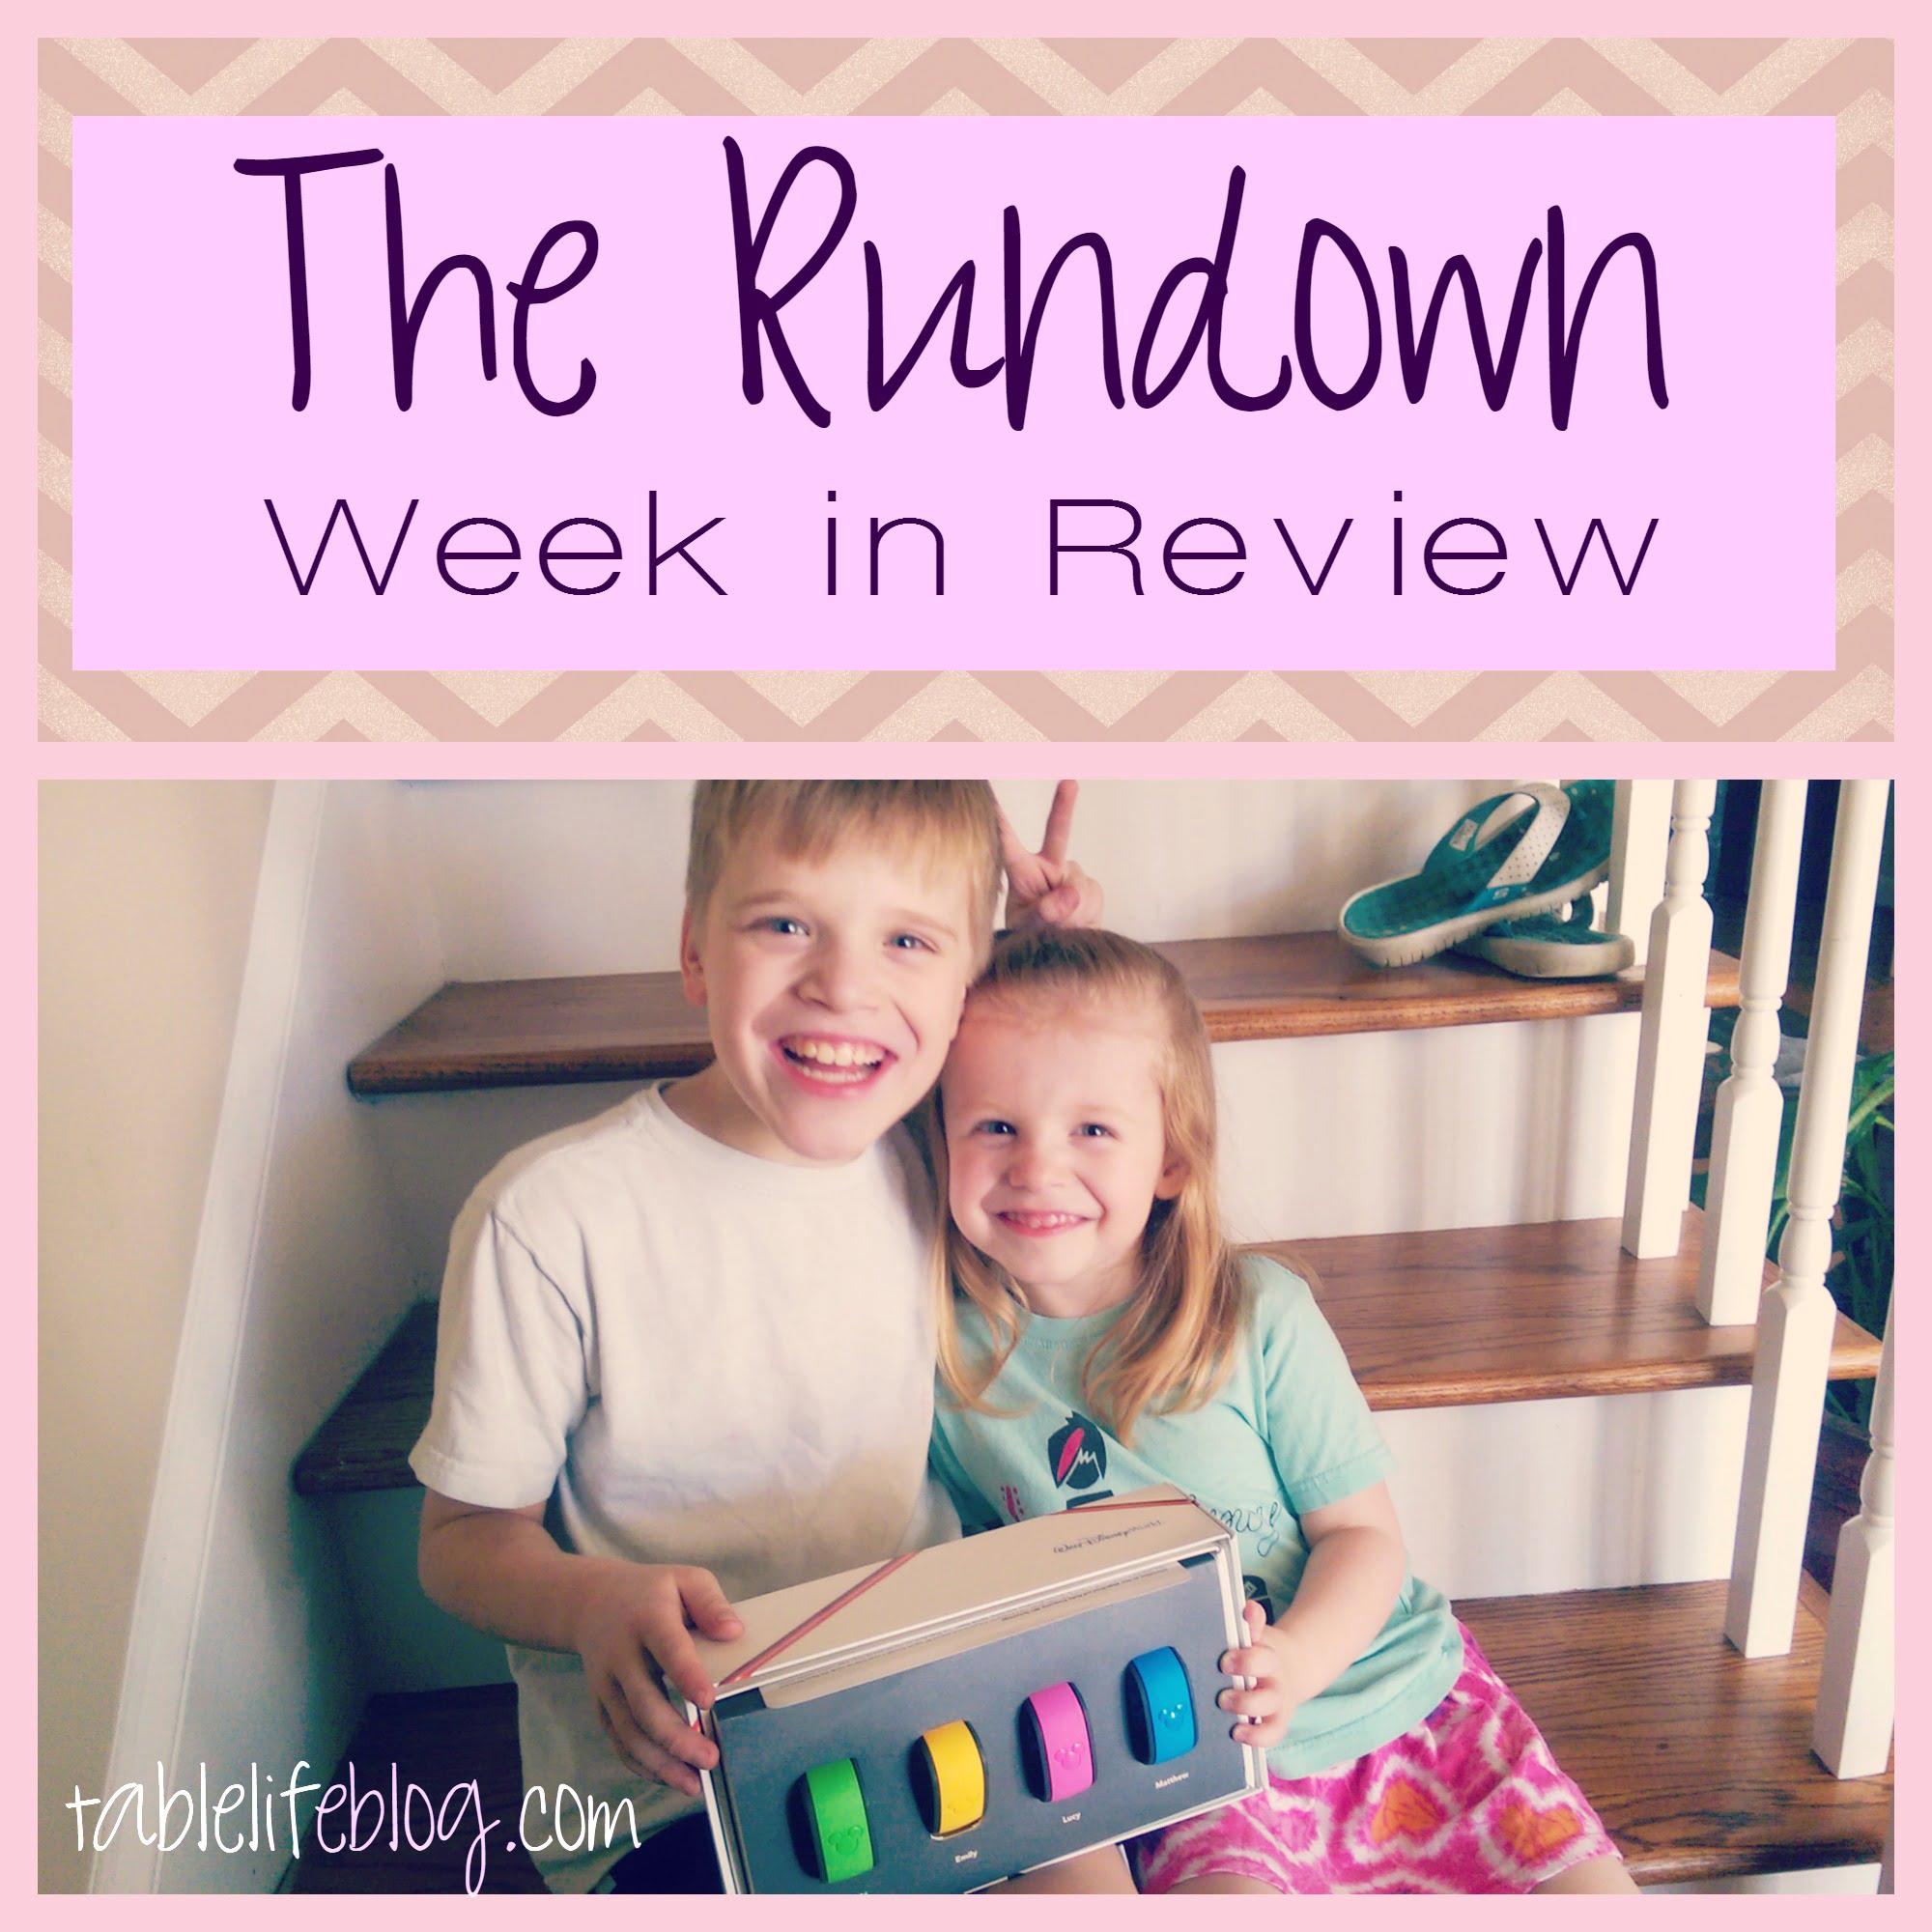 The Rundown - Week in Review - Week 10